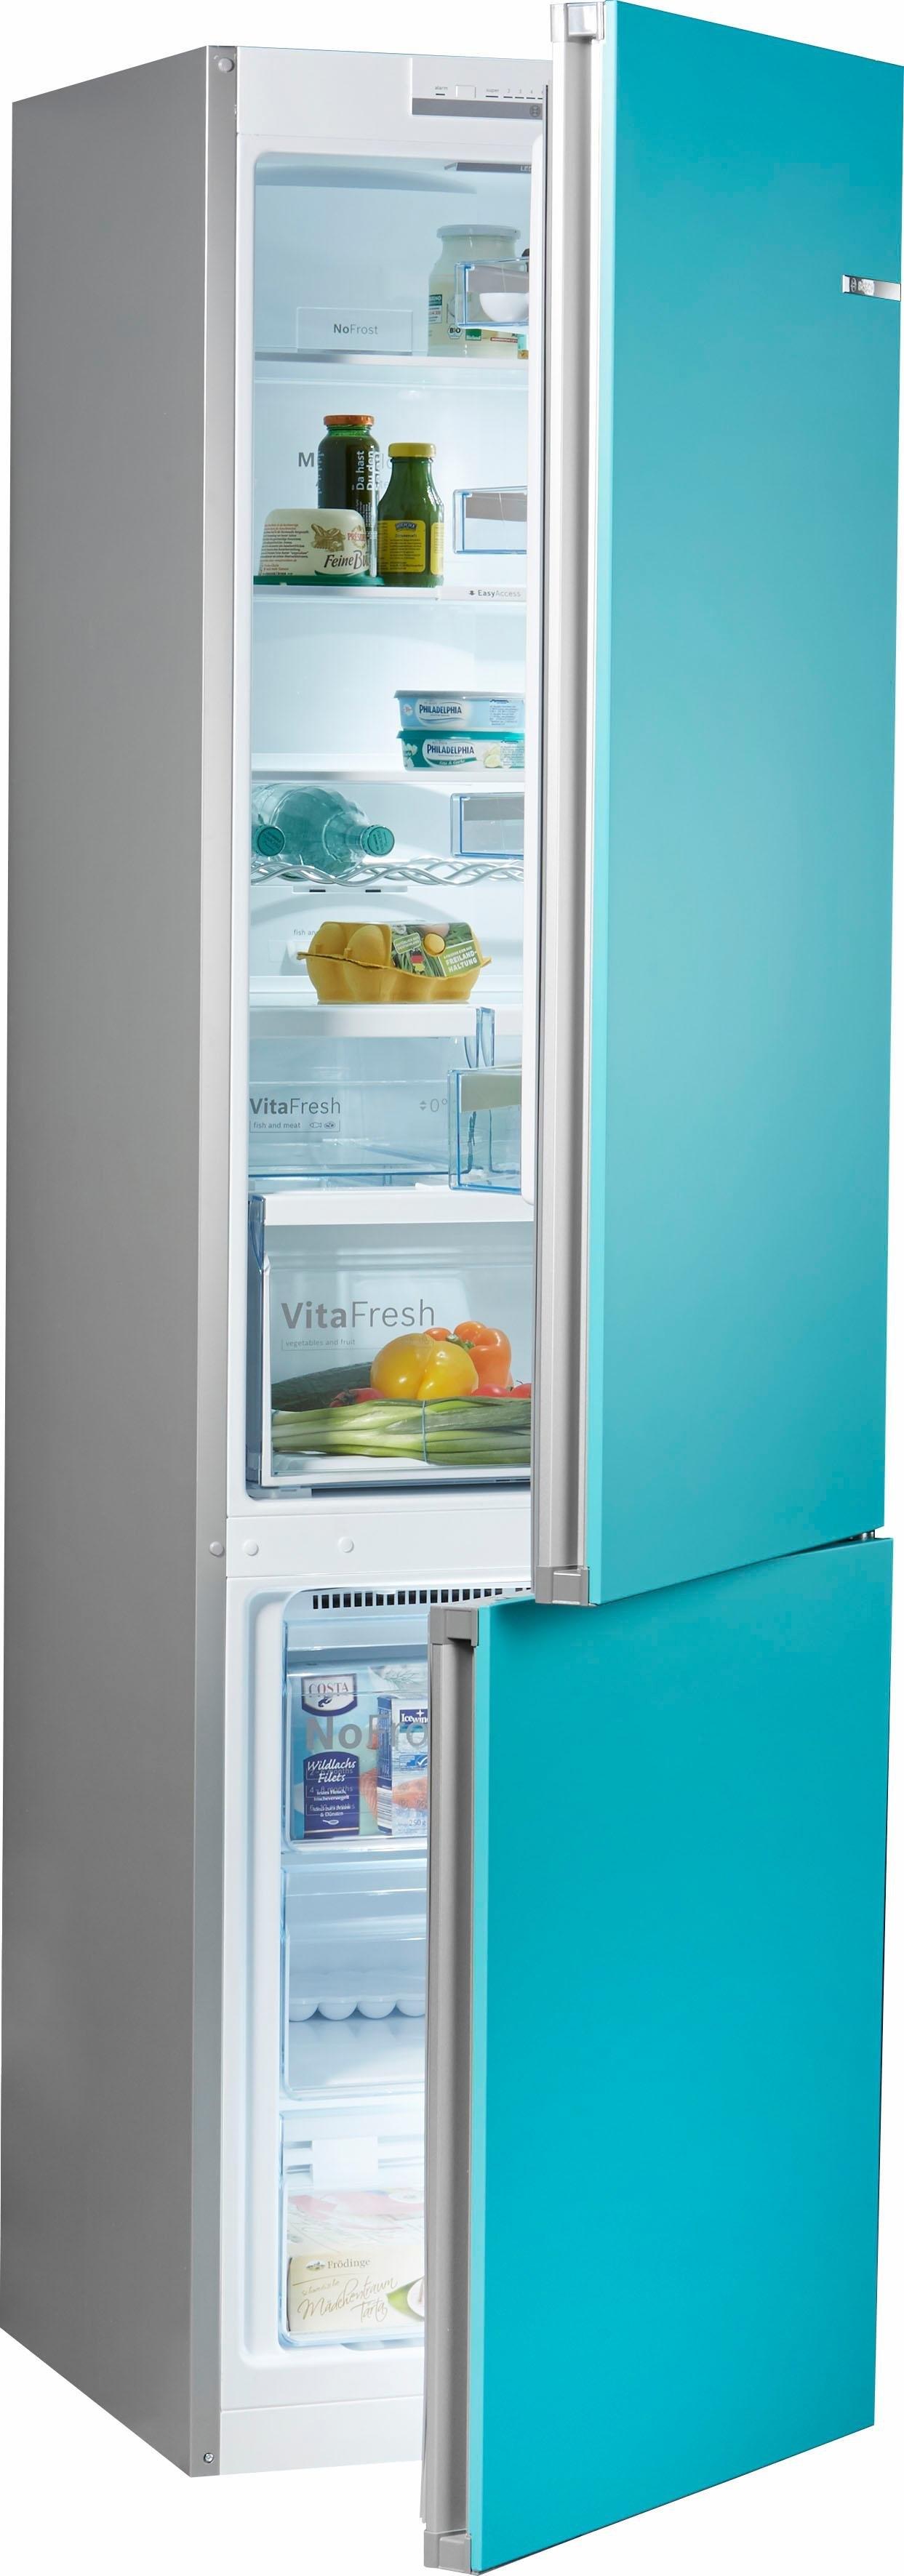 Bosch koel-vriescombinatie, 203 cm hoog, 60 cm breed nu online bestellen